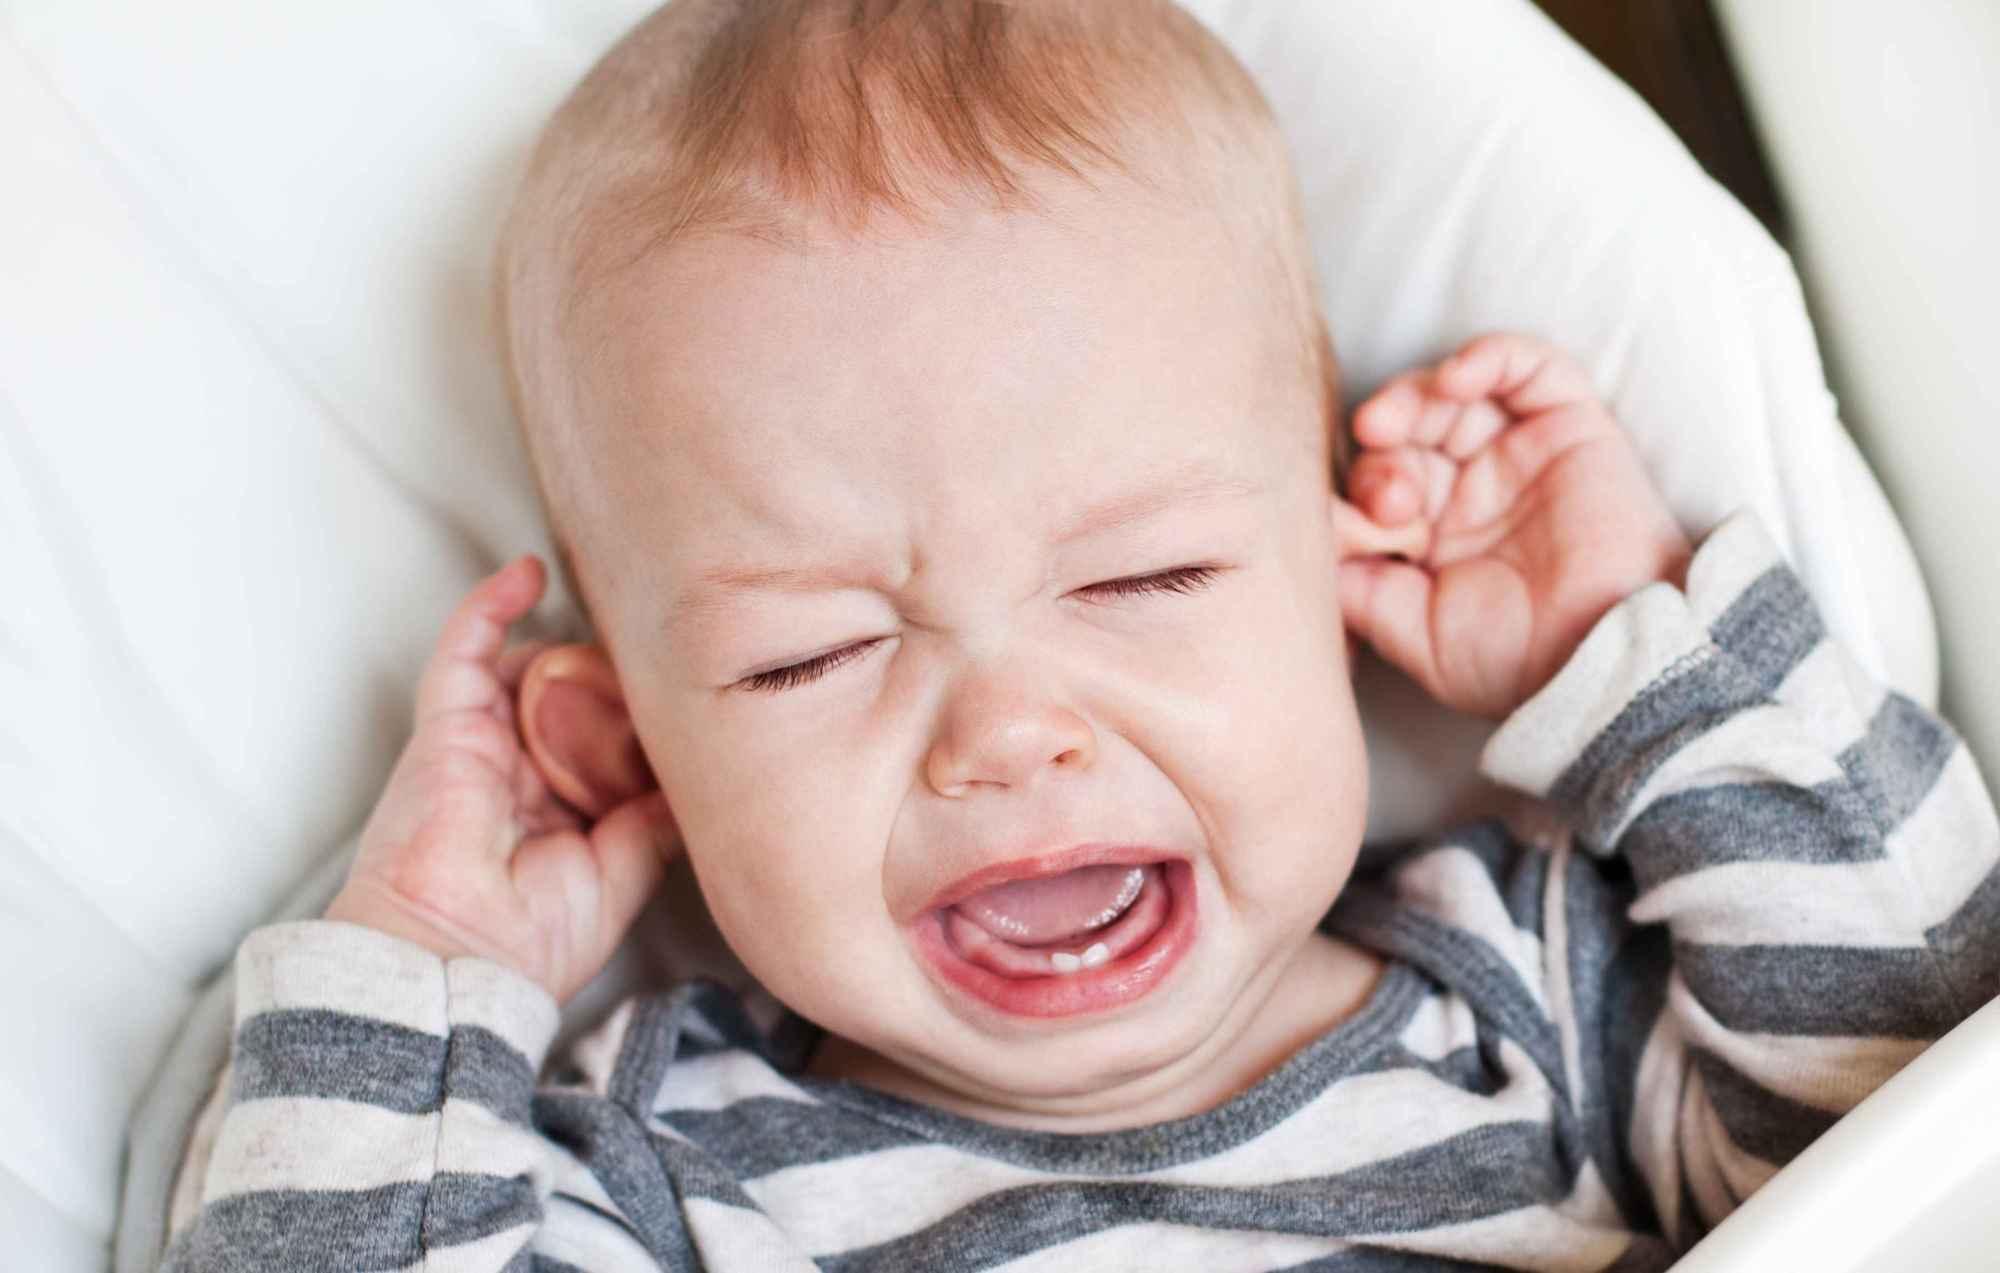 新生儿长期流泪、眼屎多,医生提醒:当心是泪囊炎!父母早知